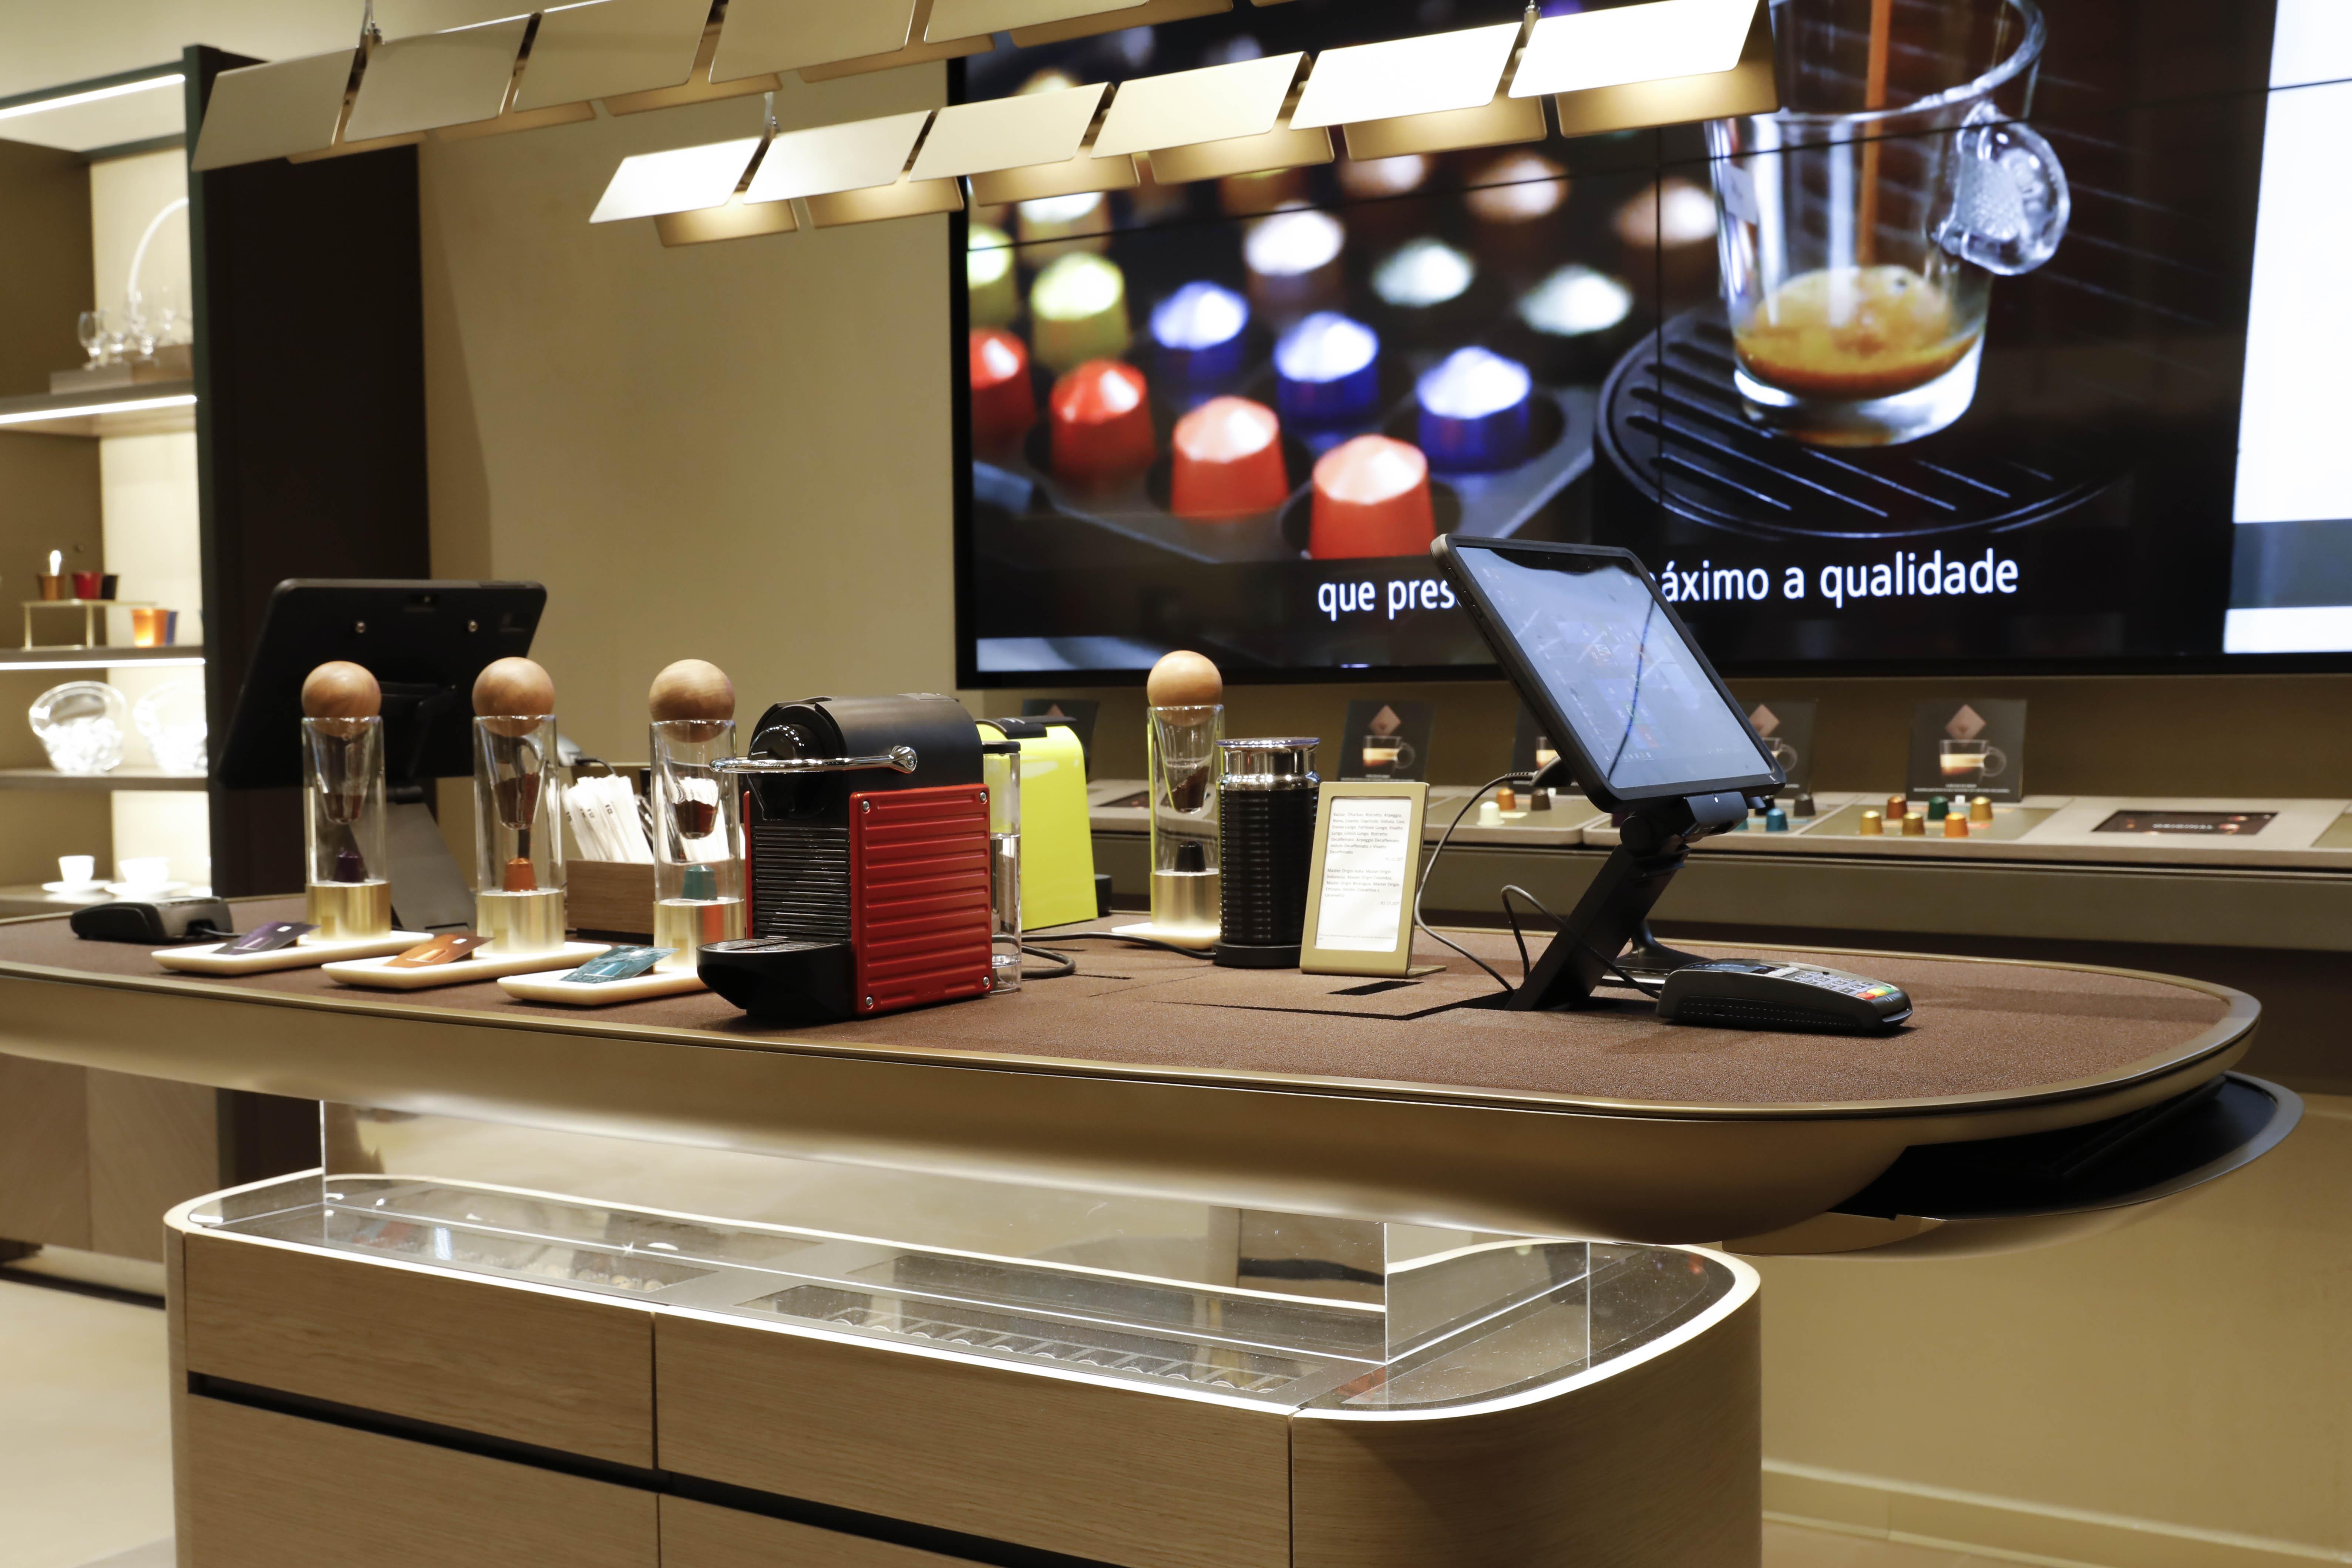 IAP9644 - Nespresso inaugura novo conceito de boutique em São Paulo